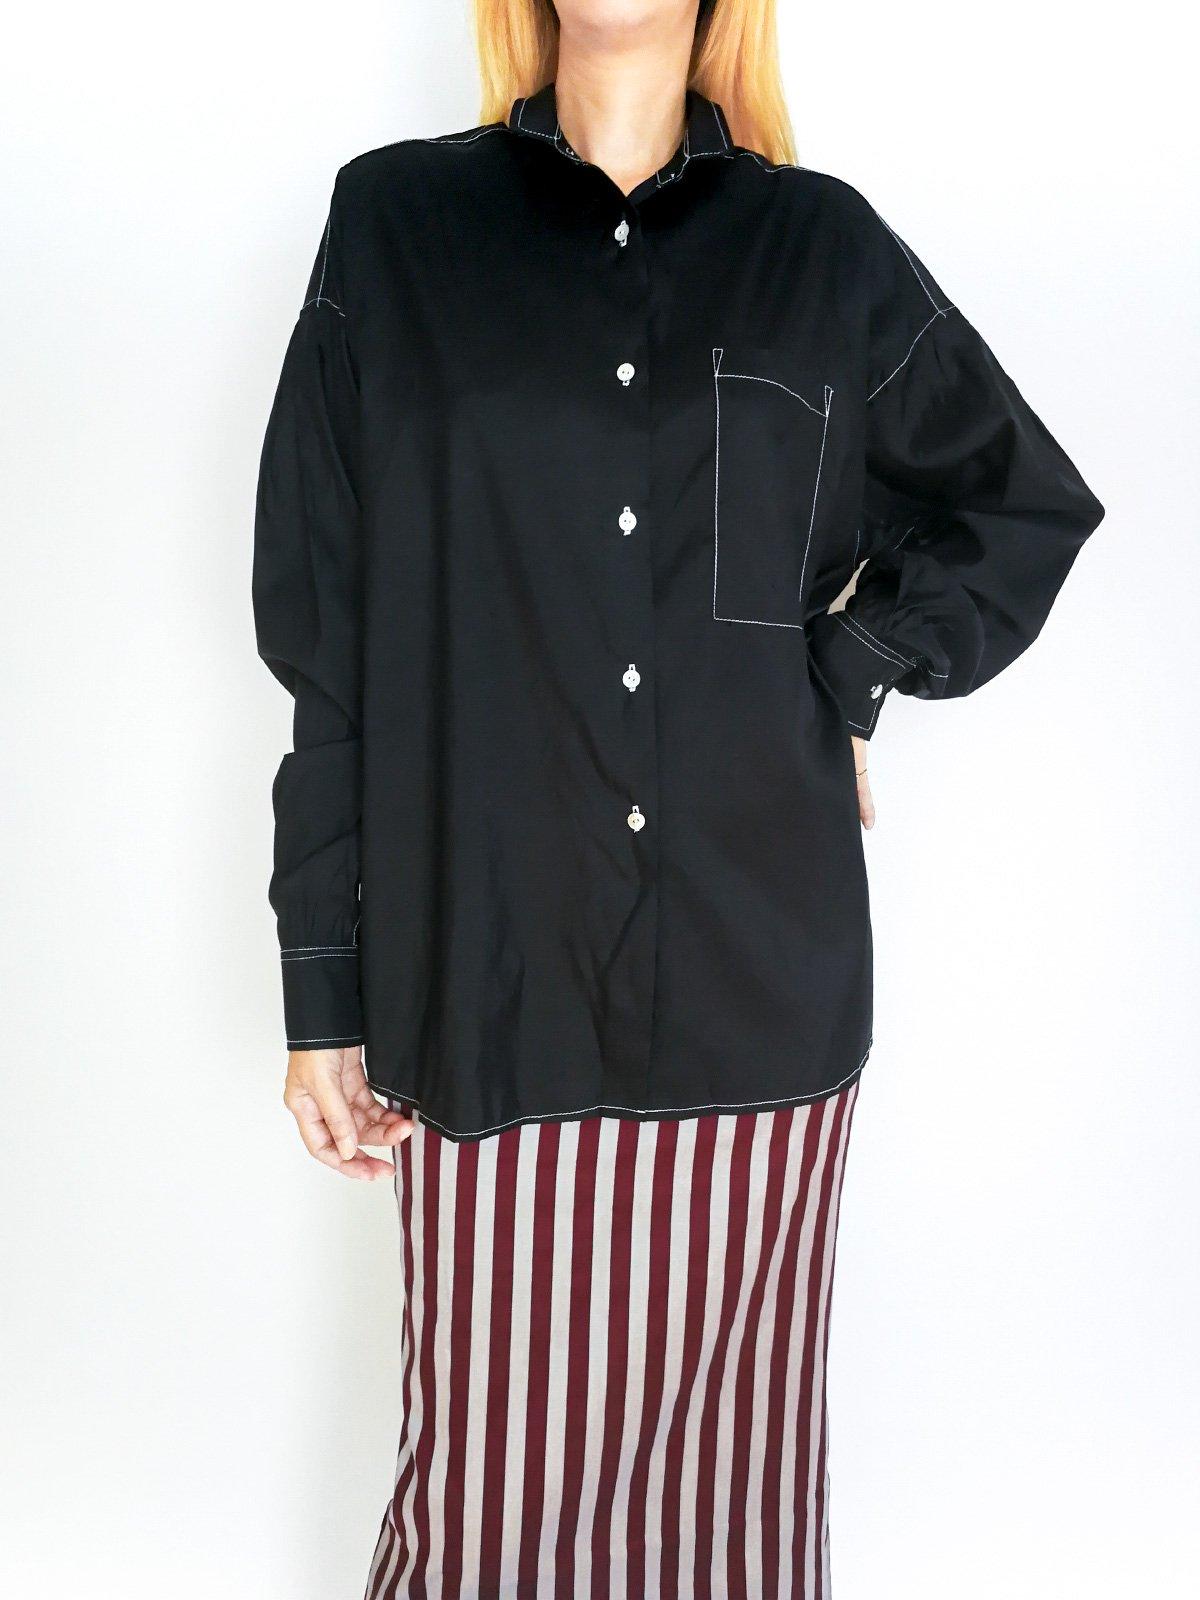 Boy's Shirts / black